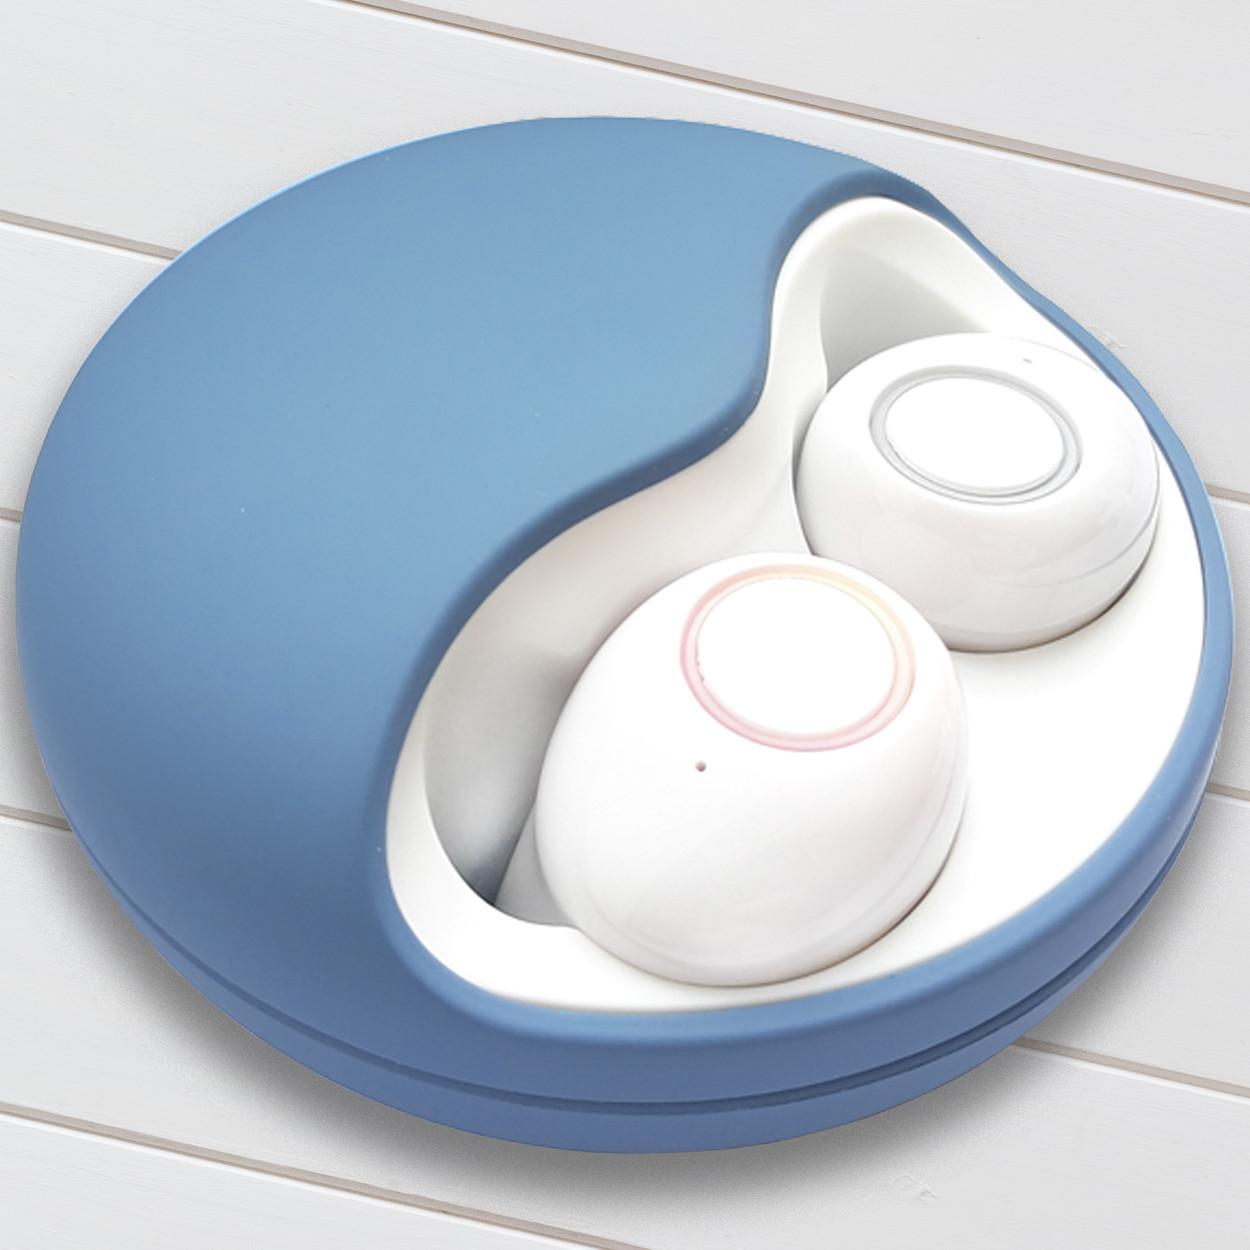 Наушники Wi-pods К10 беспроводные Bluetooth 5.0 блютуз-гарнитура с зарядным кейсом 500 мА*ч. Синие